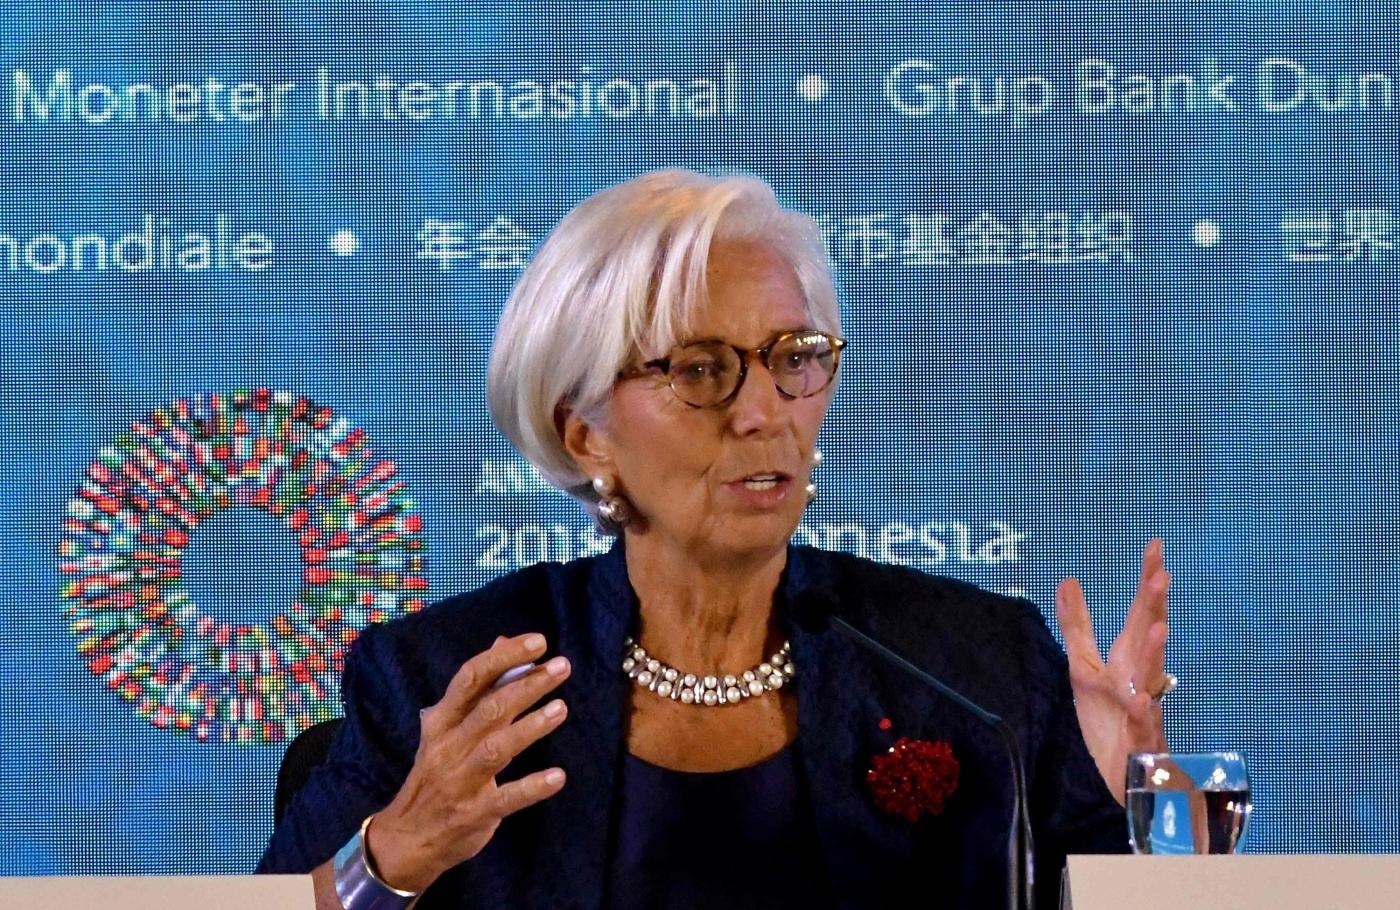 Il Fmi taglia le stime sul Pil italiano: crescita dello 0,6% per il 2019